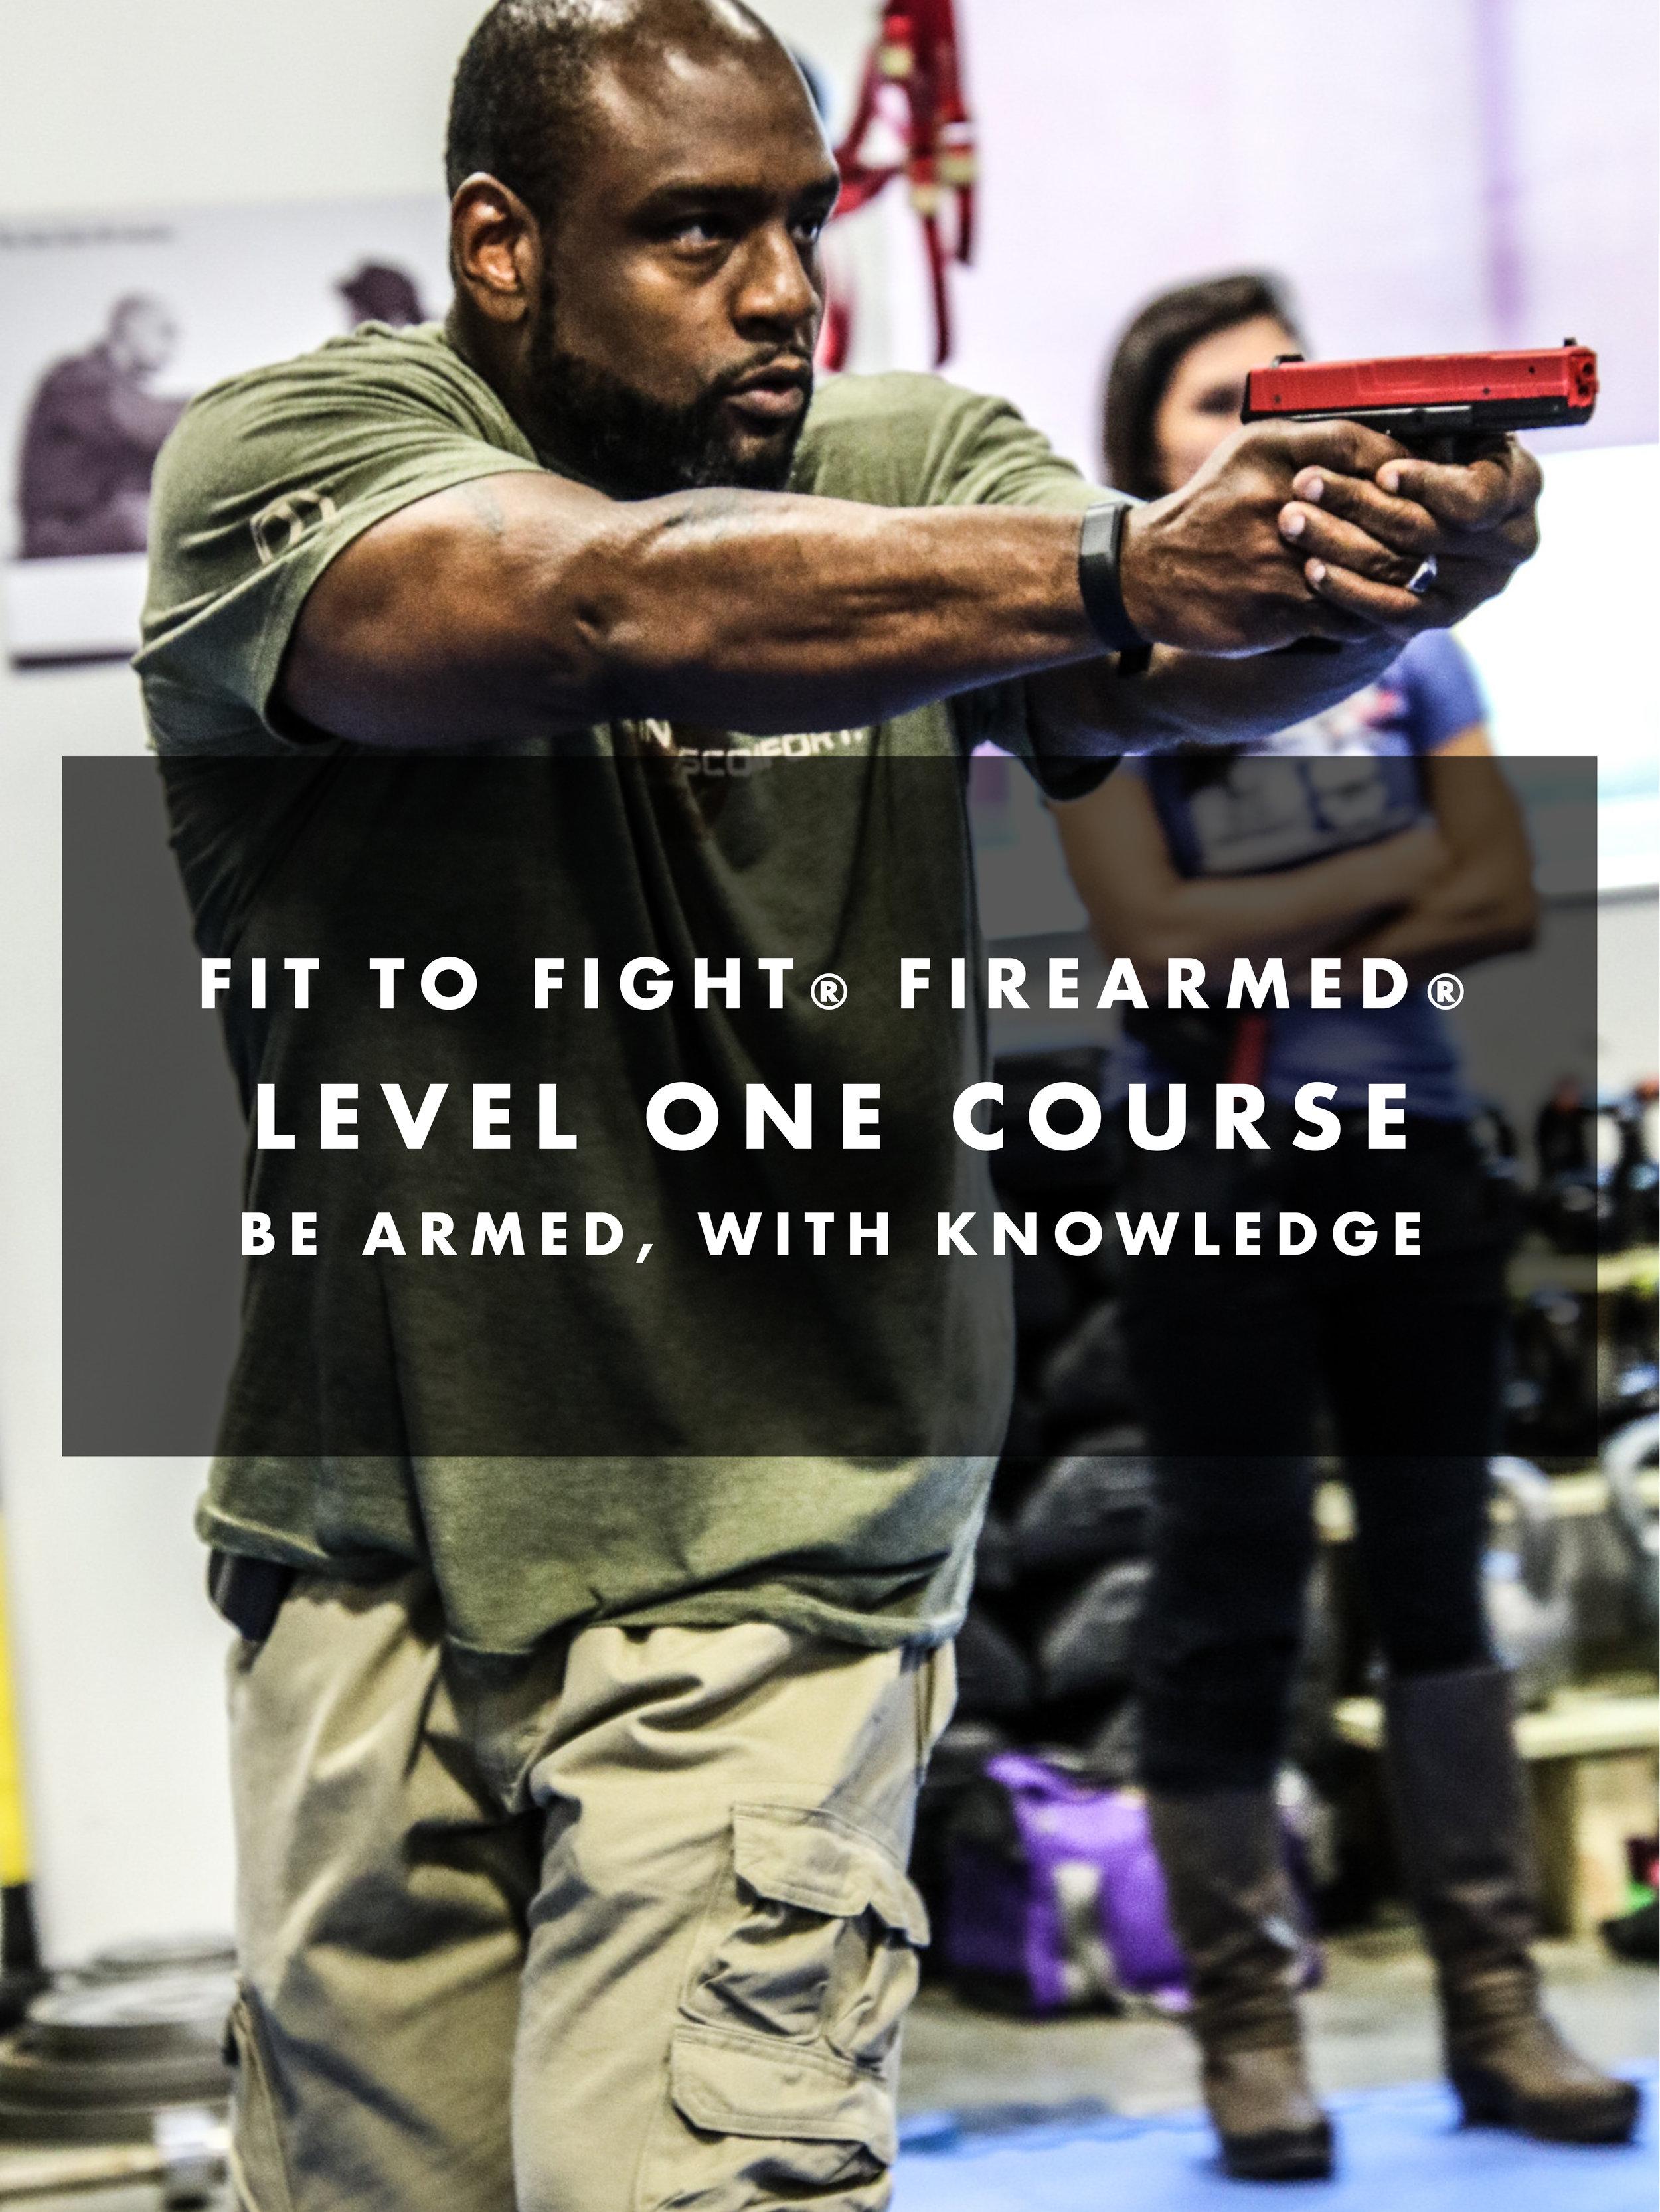 firearmedimageslev1-4.jpg